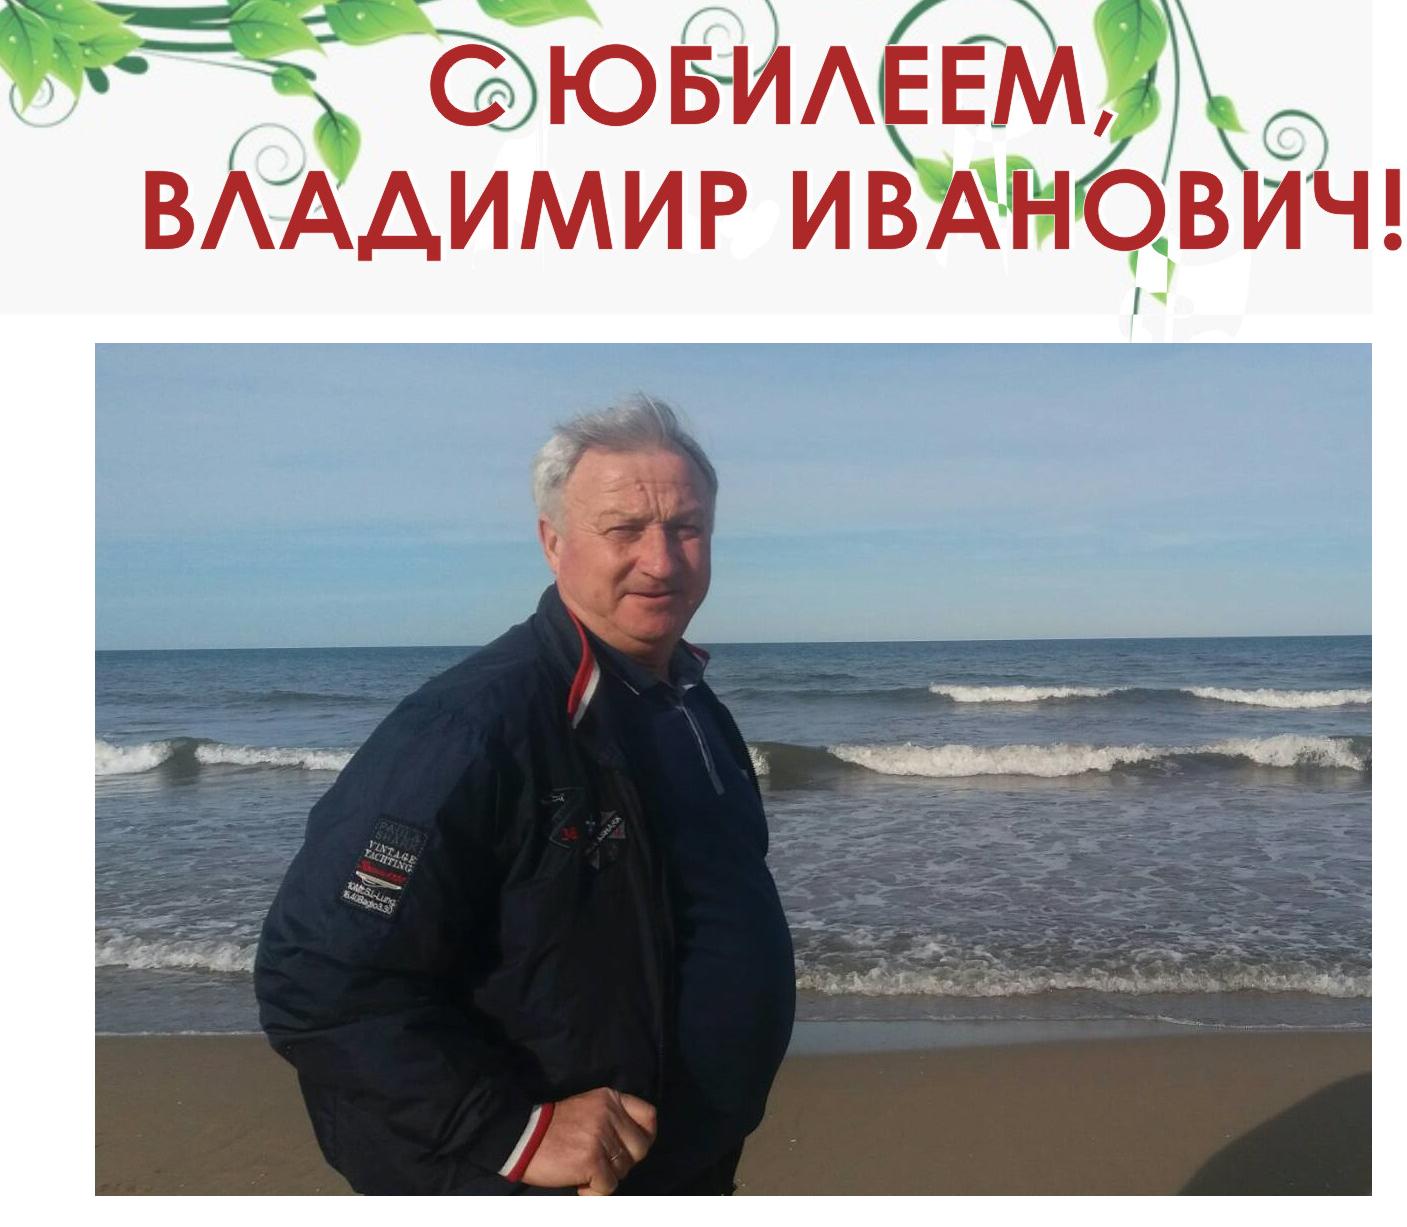 С юбилеем, Владимир Иванович!_(выпуск журнала №40)